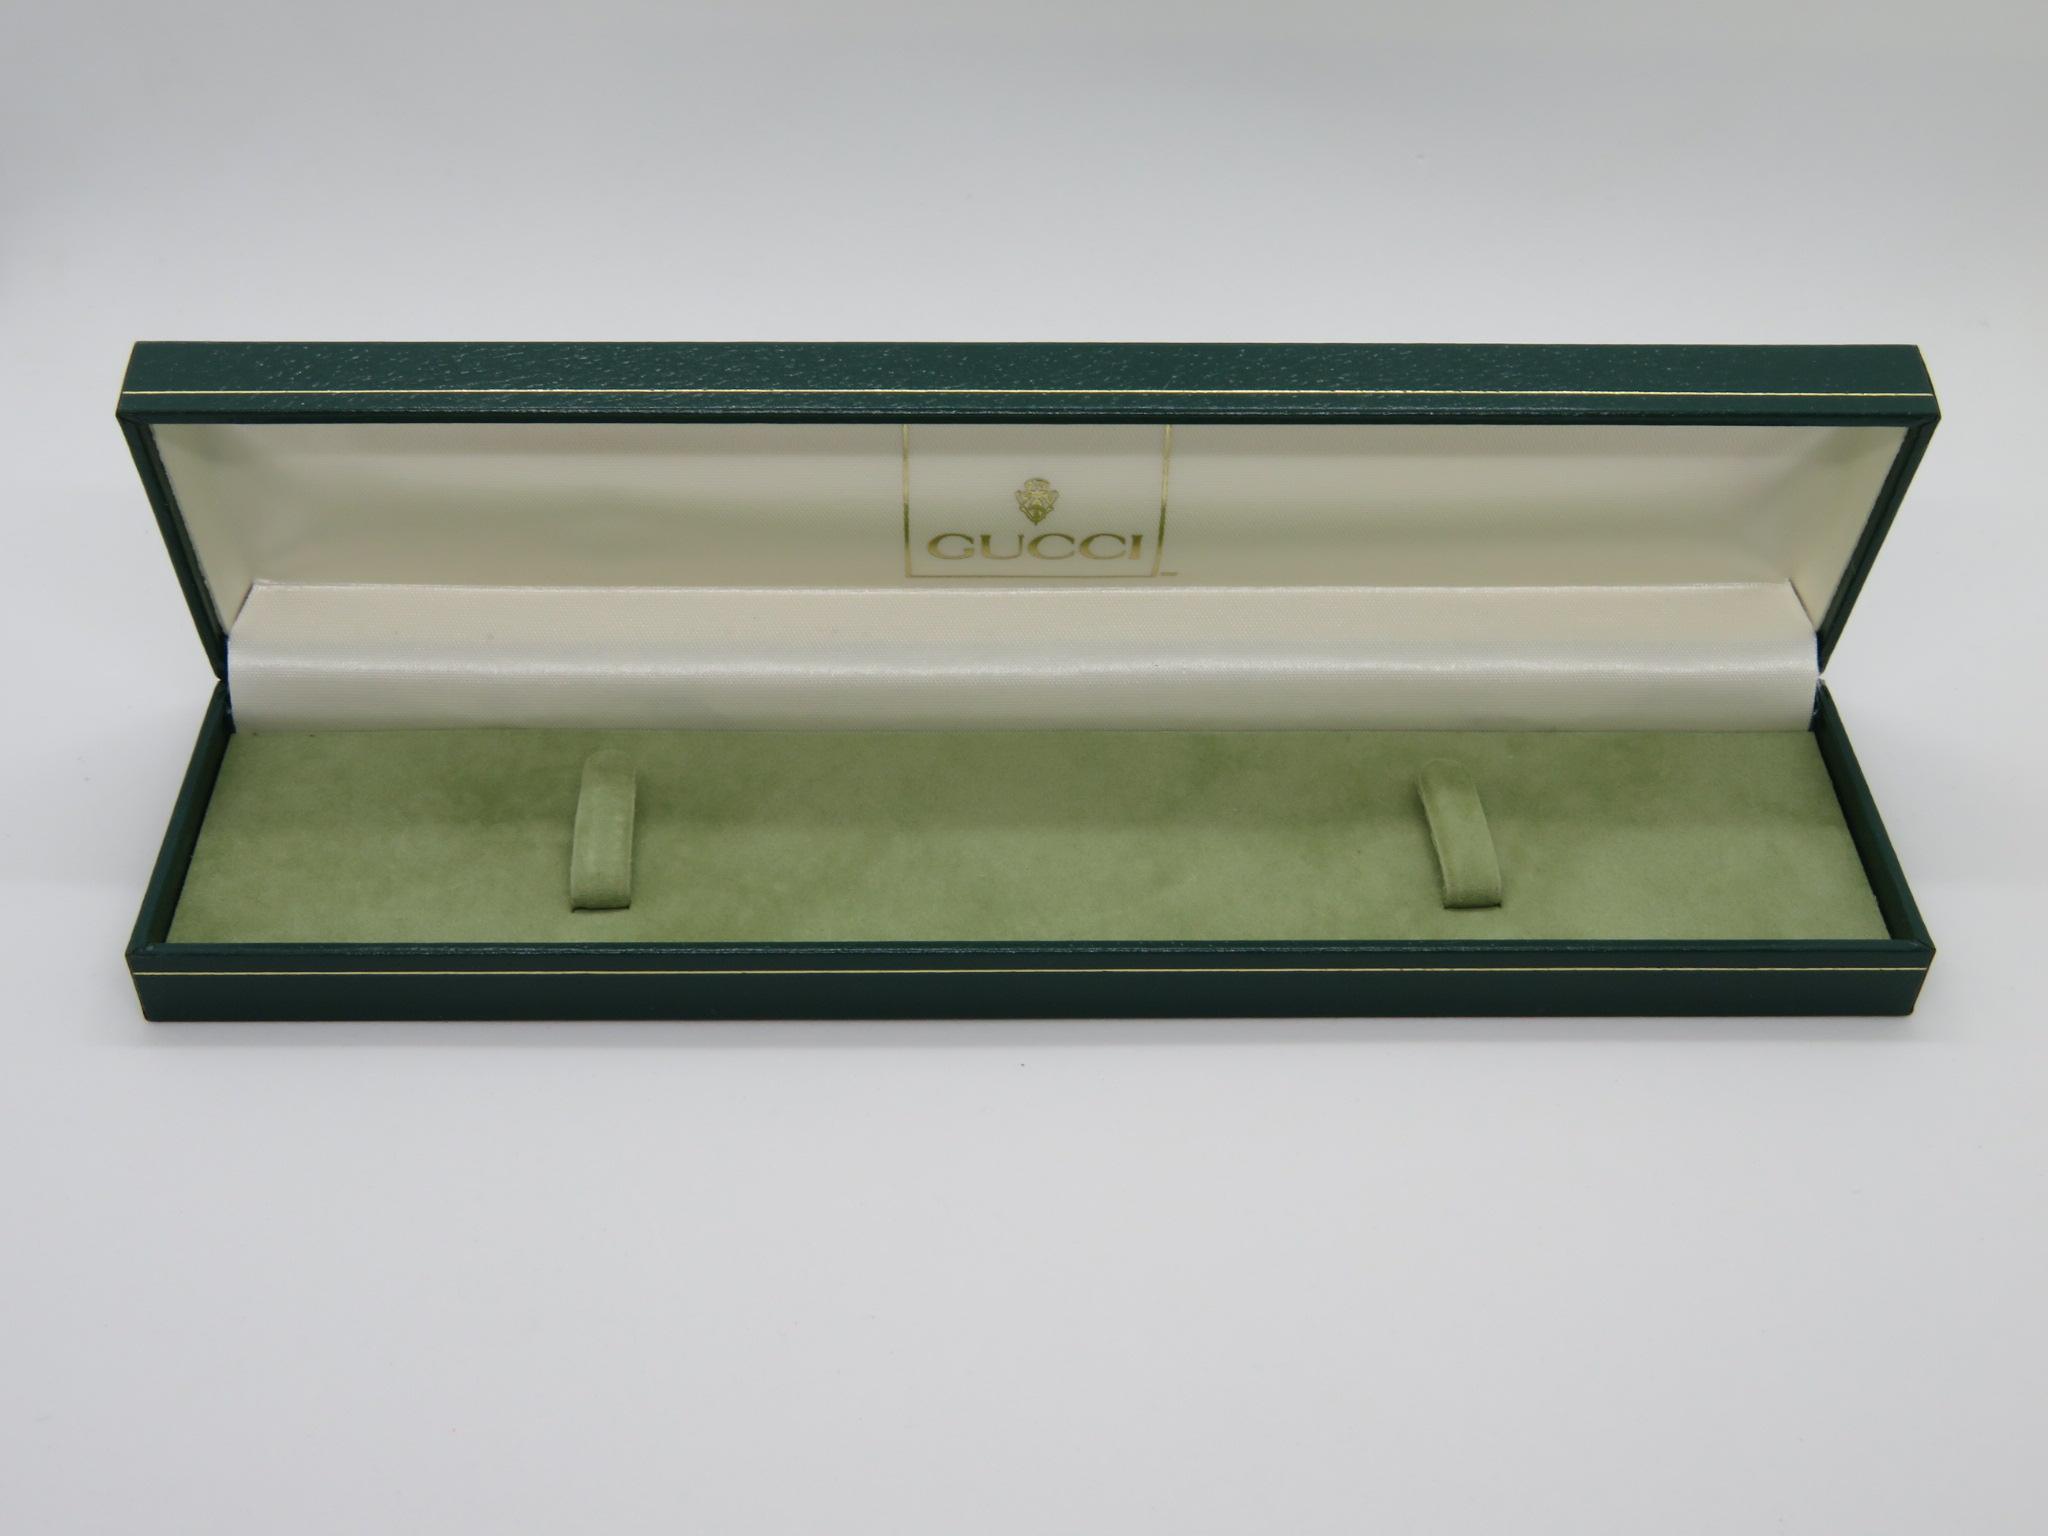 Orologio Gucci 3000.2.L donna lady quadrante Avorio